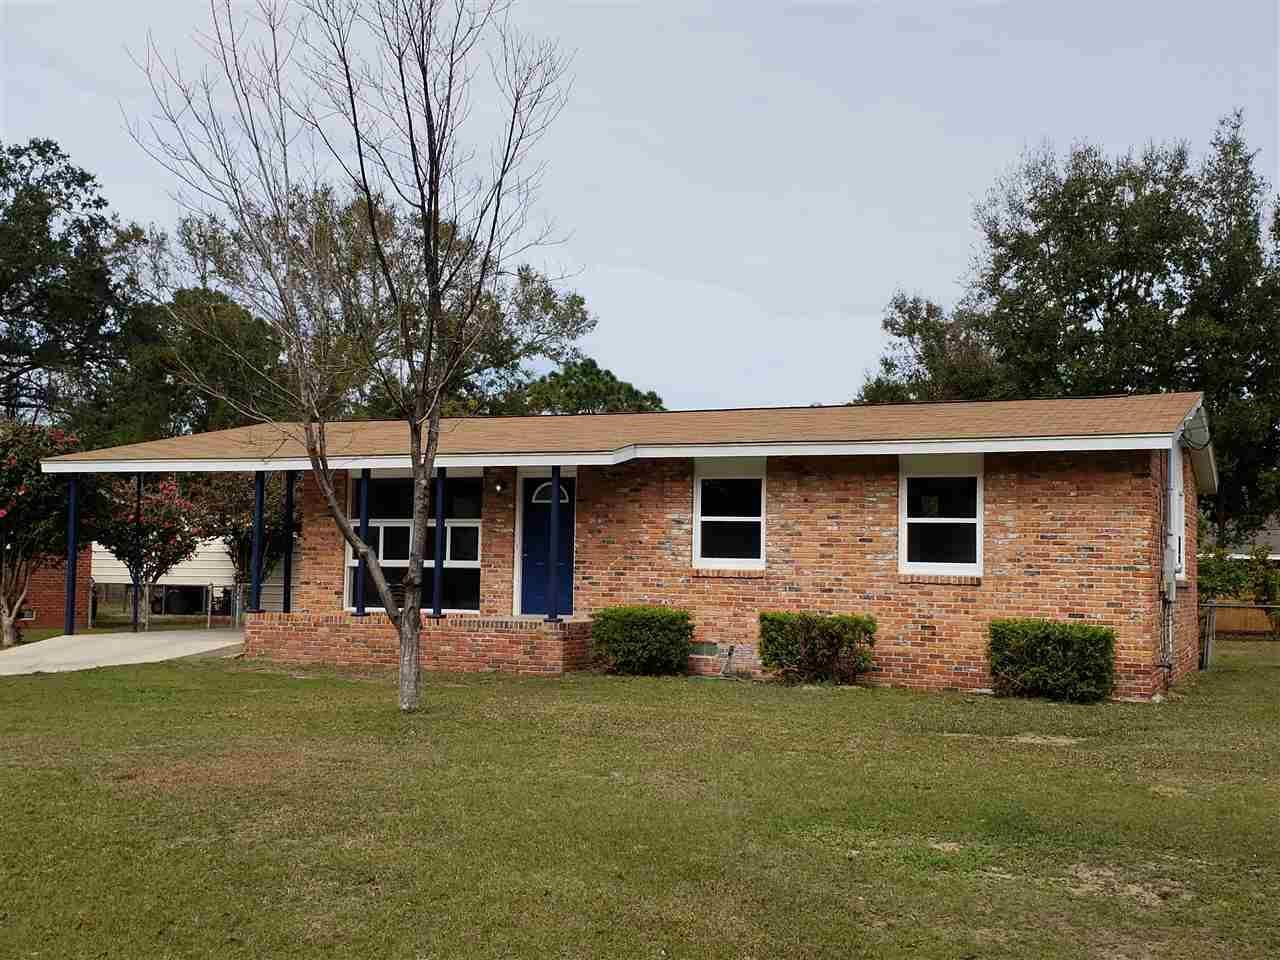 3830 WHISPERING PINES DR, Pensacola, Florida